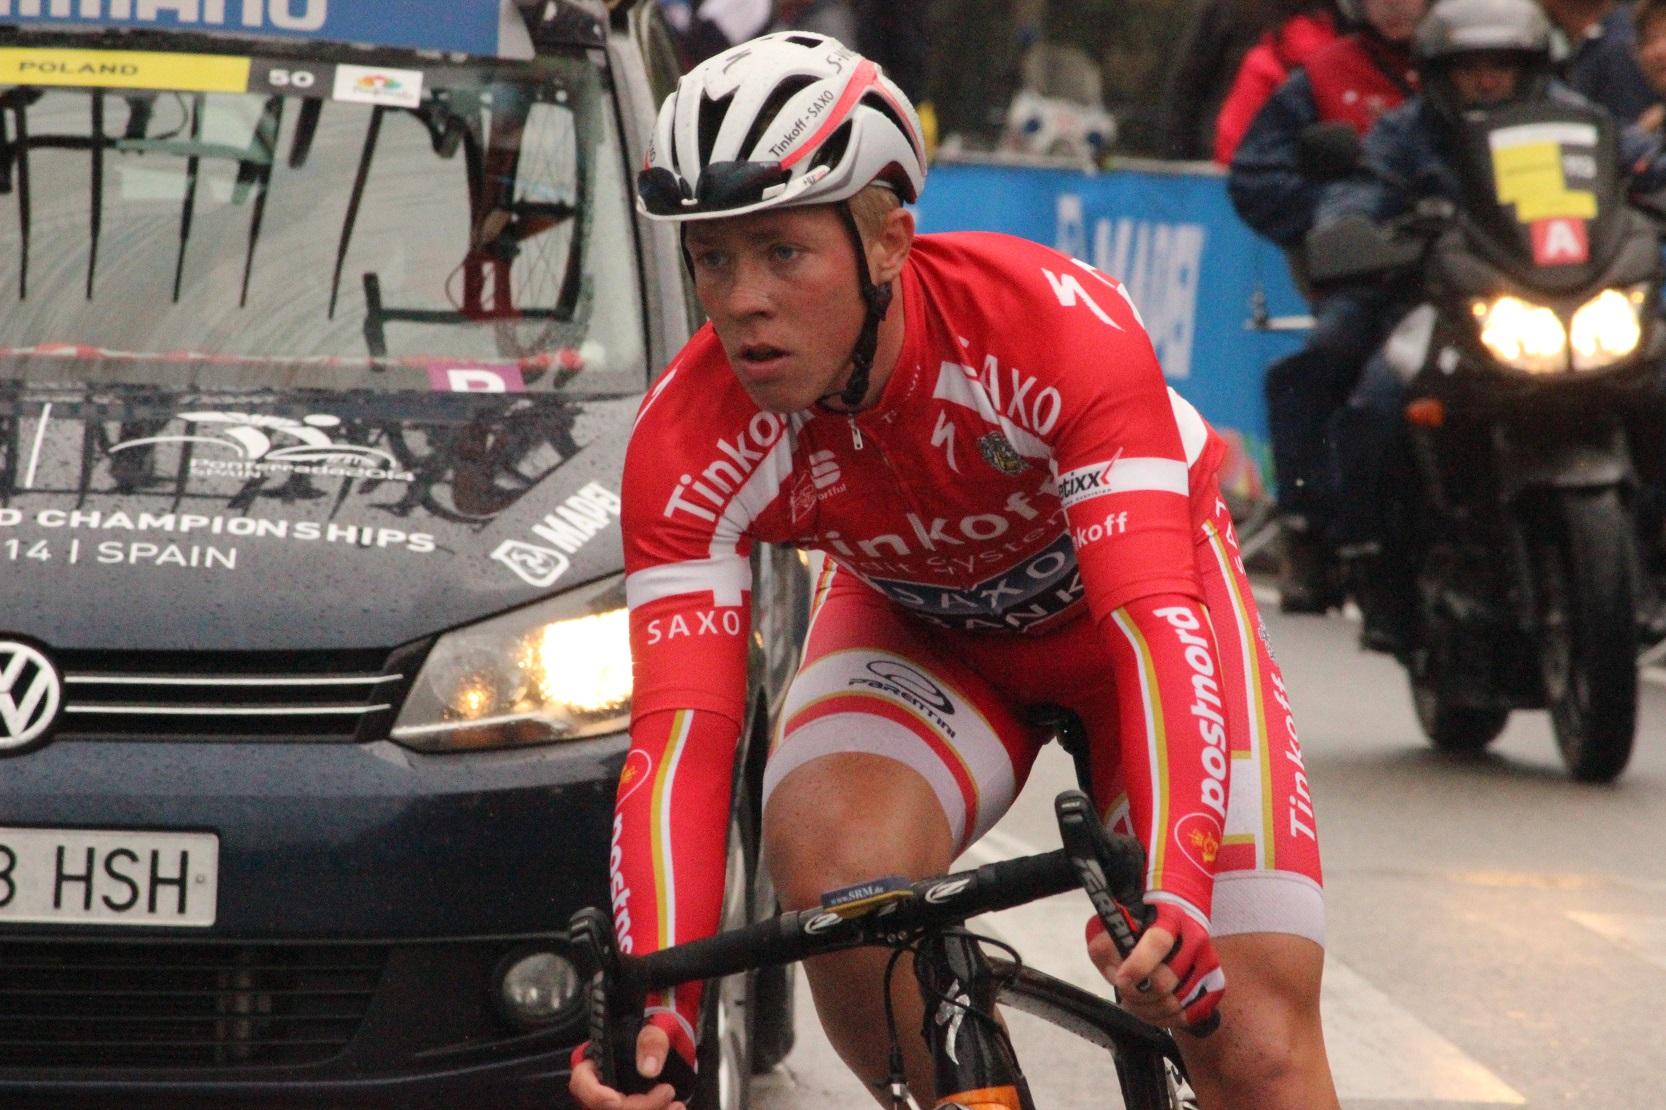 Mundial Ciclismo día ruta (18)